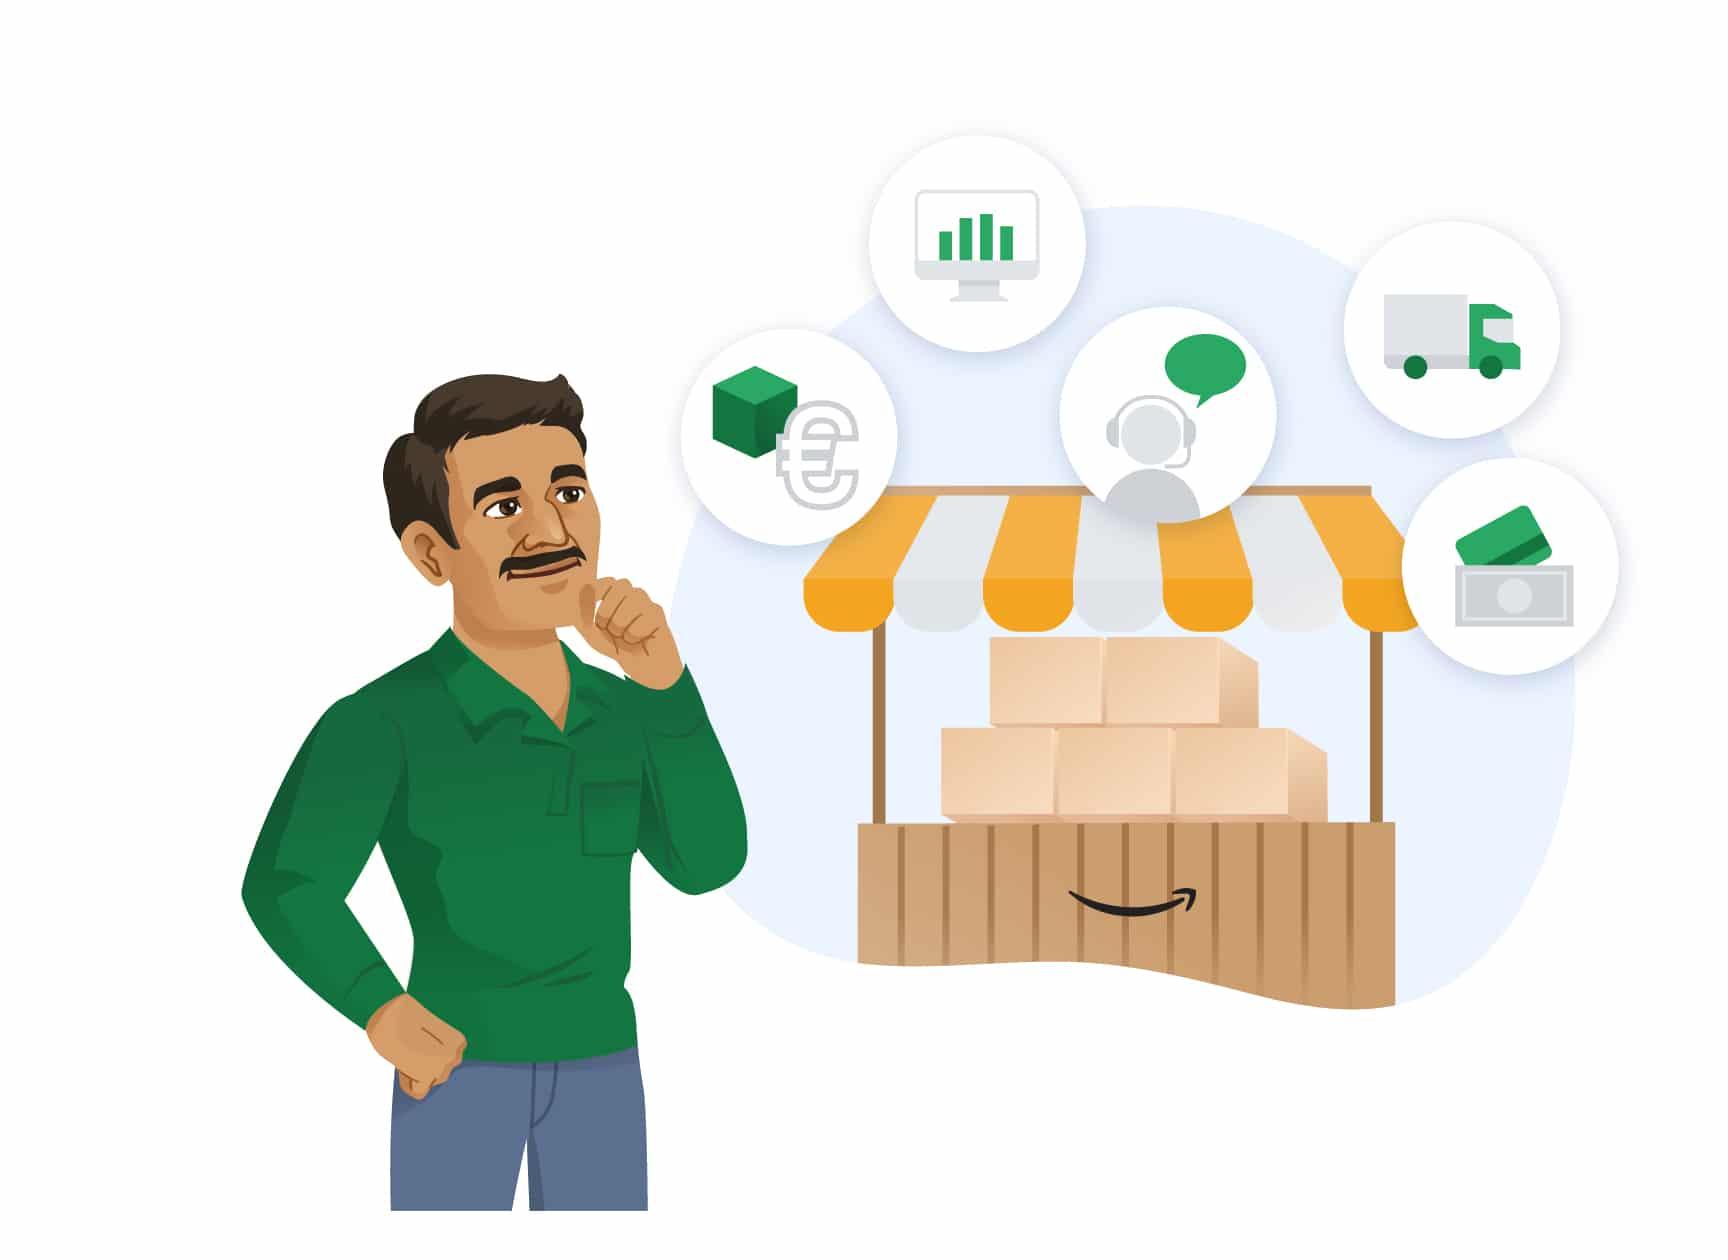 Amazon Seller und Amazon Vendor im Vergleich